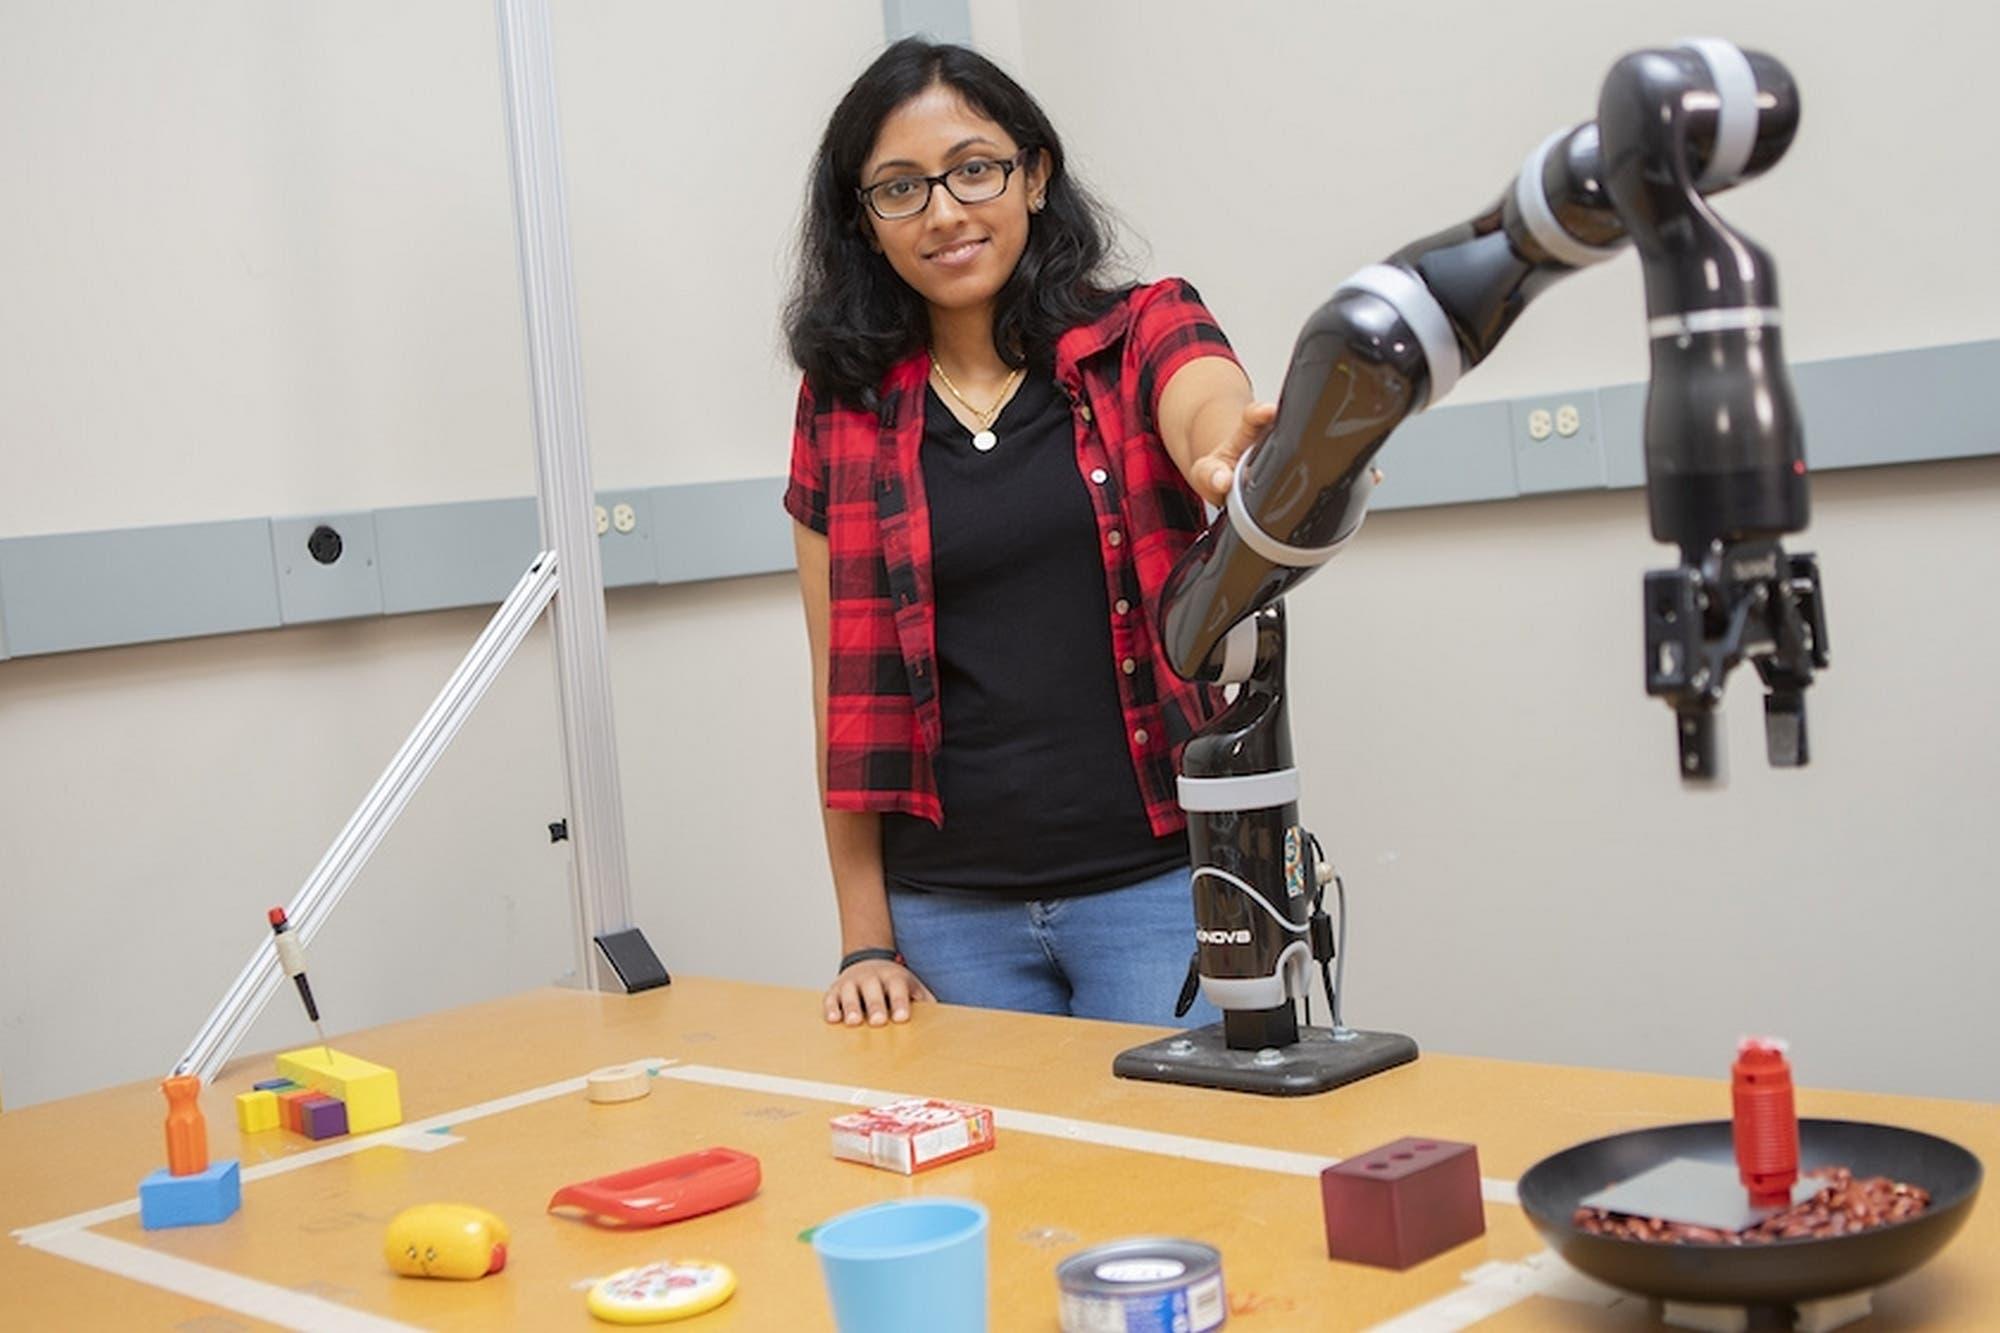 Como MacGyver, este brazo robot puede crear sus propias herramientas con los objetos que tiene a su alcance